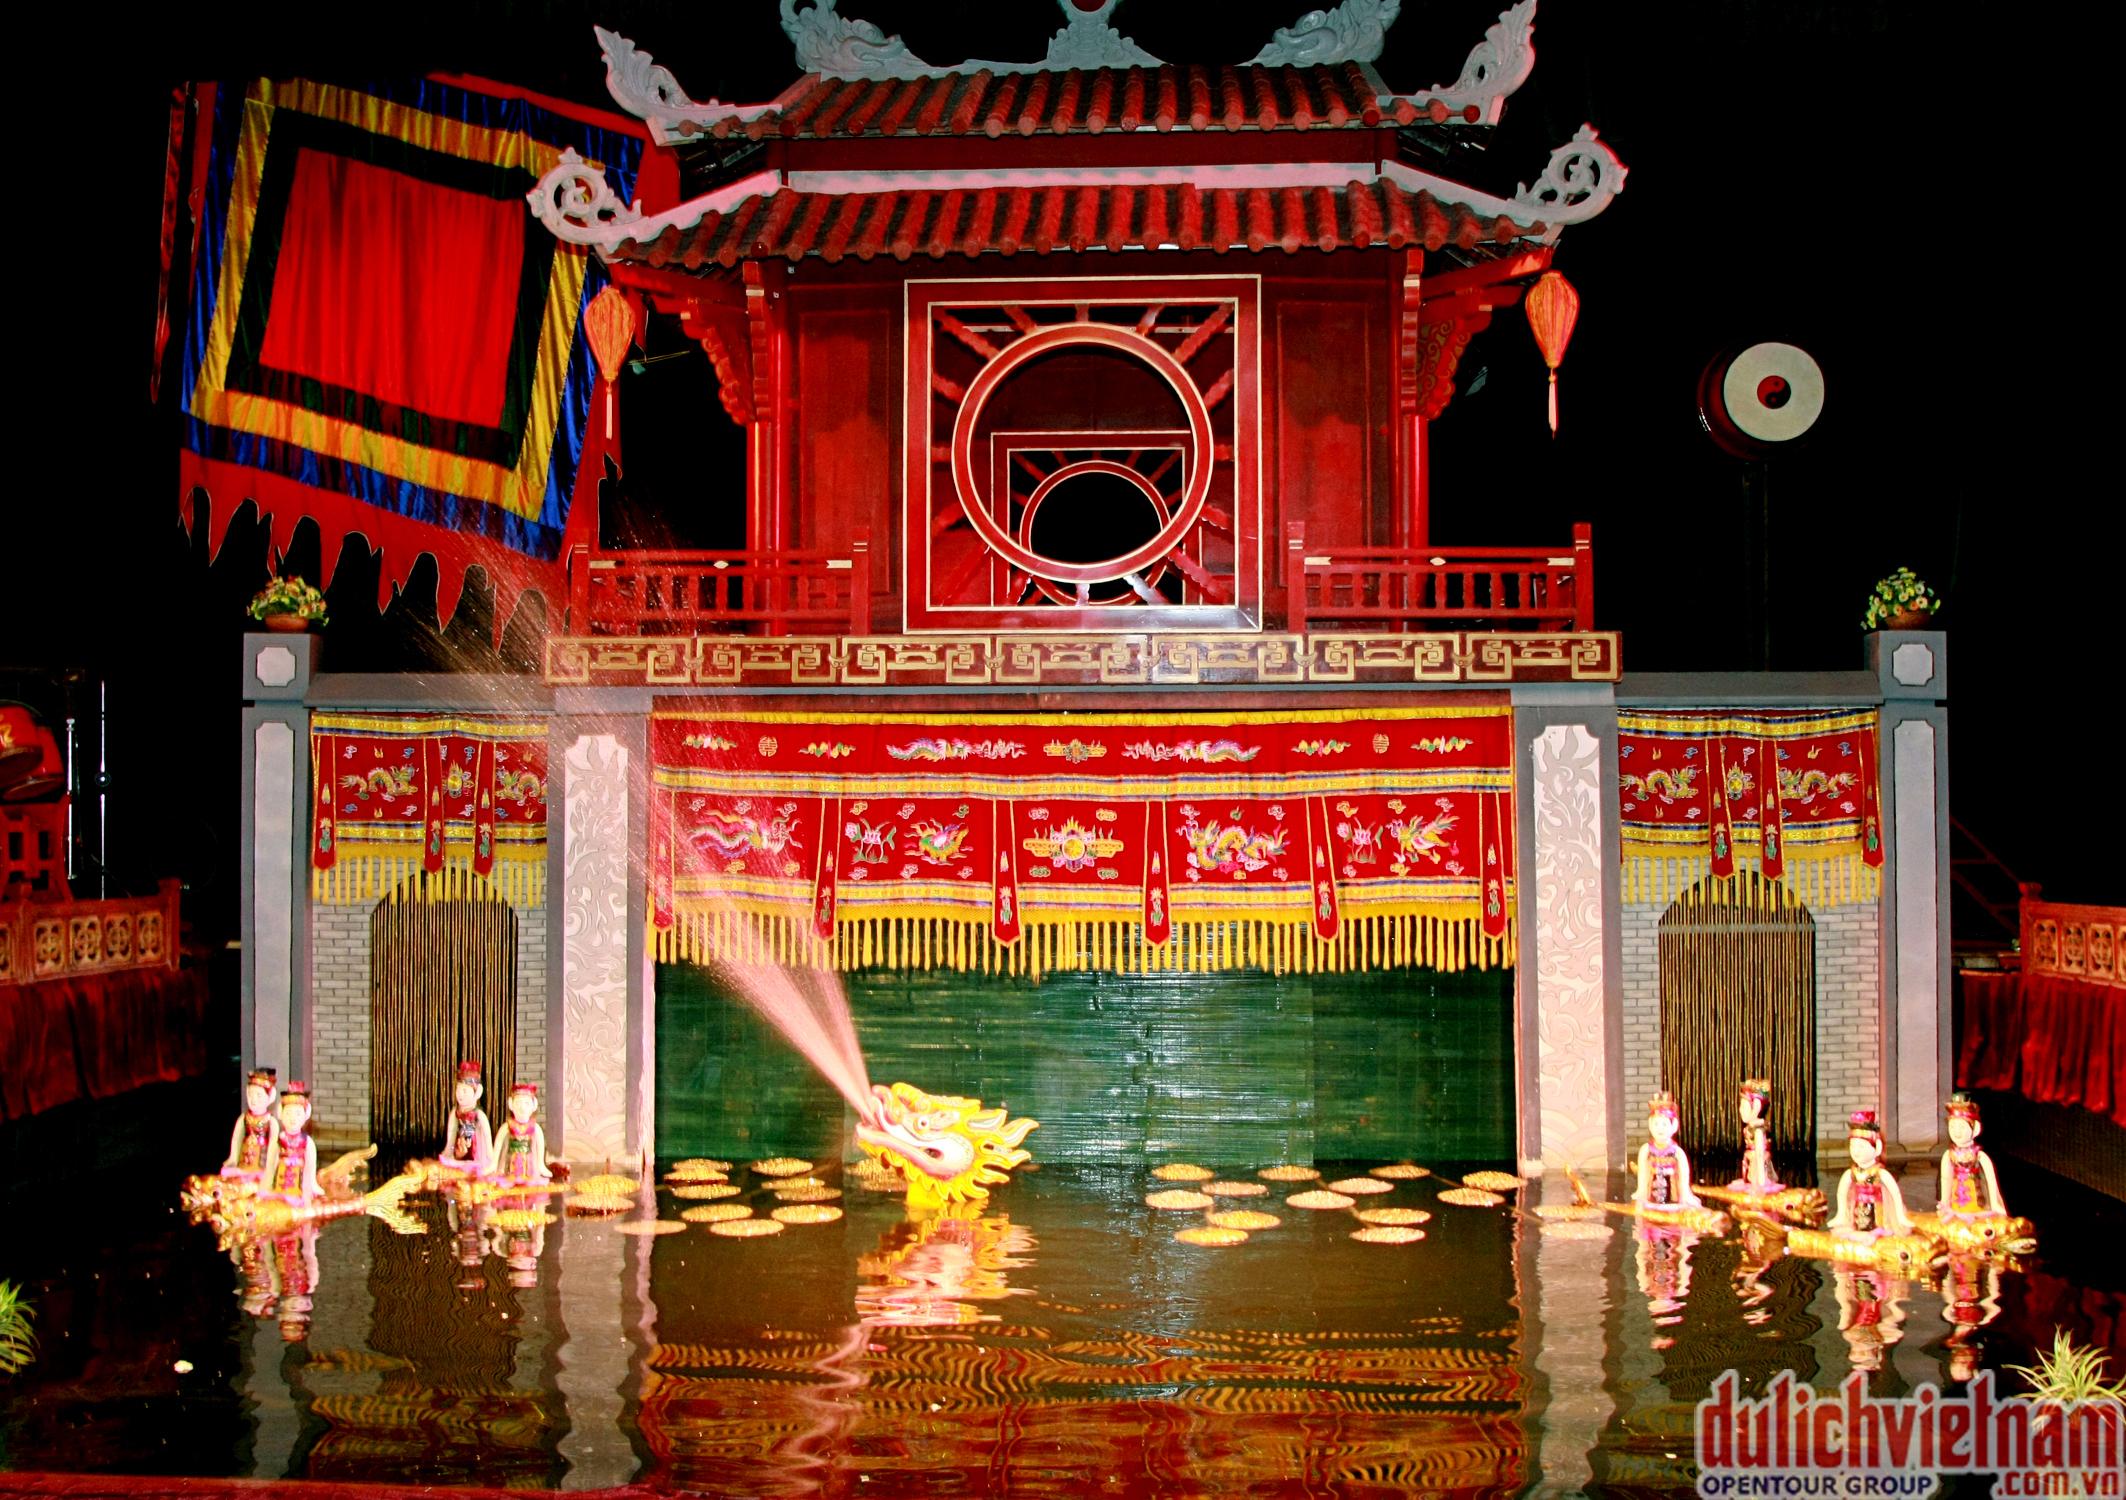 Thưởng thức show múa rối nước Hà Nội